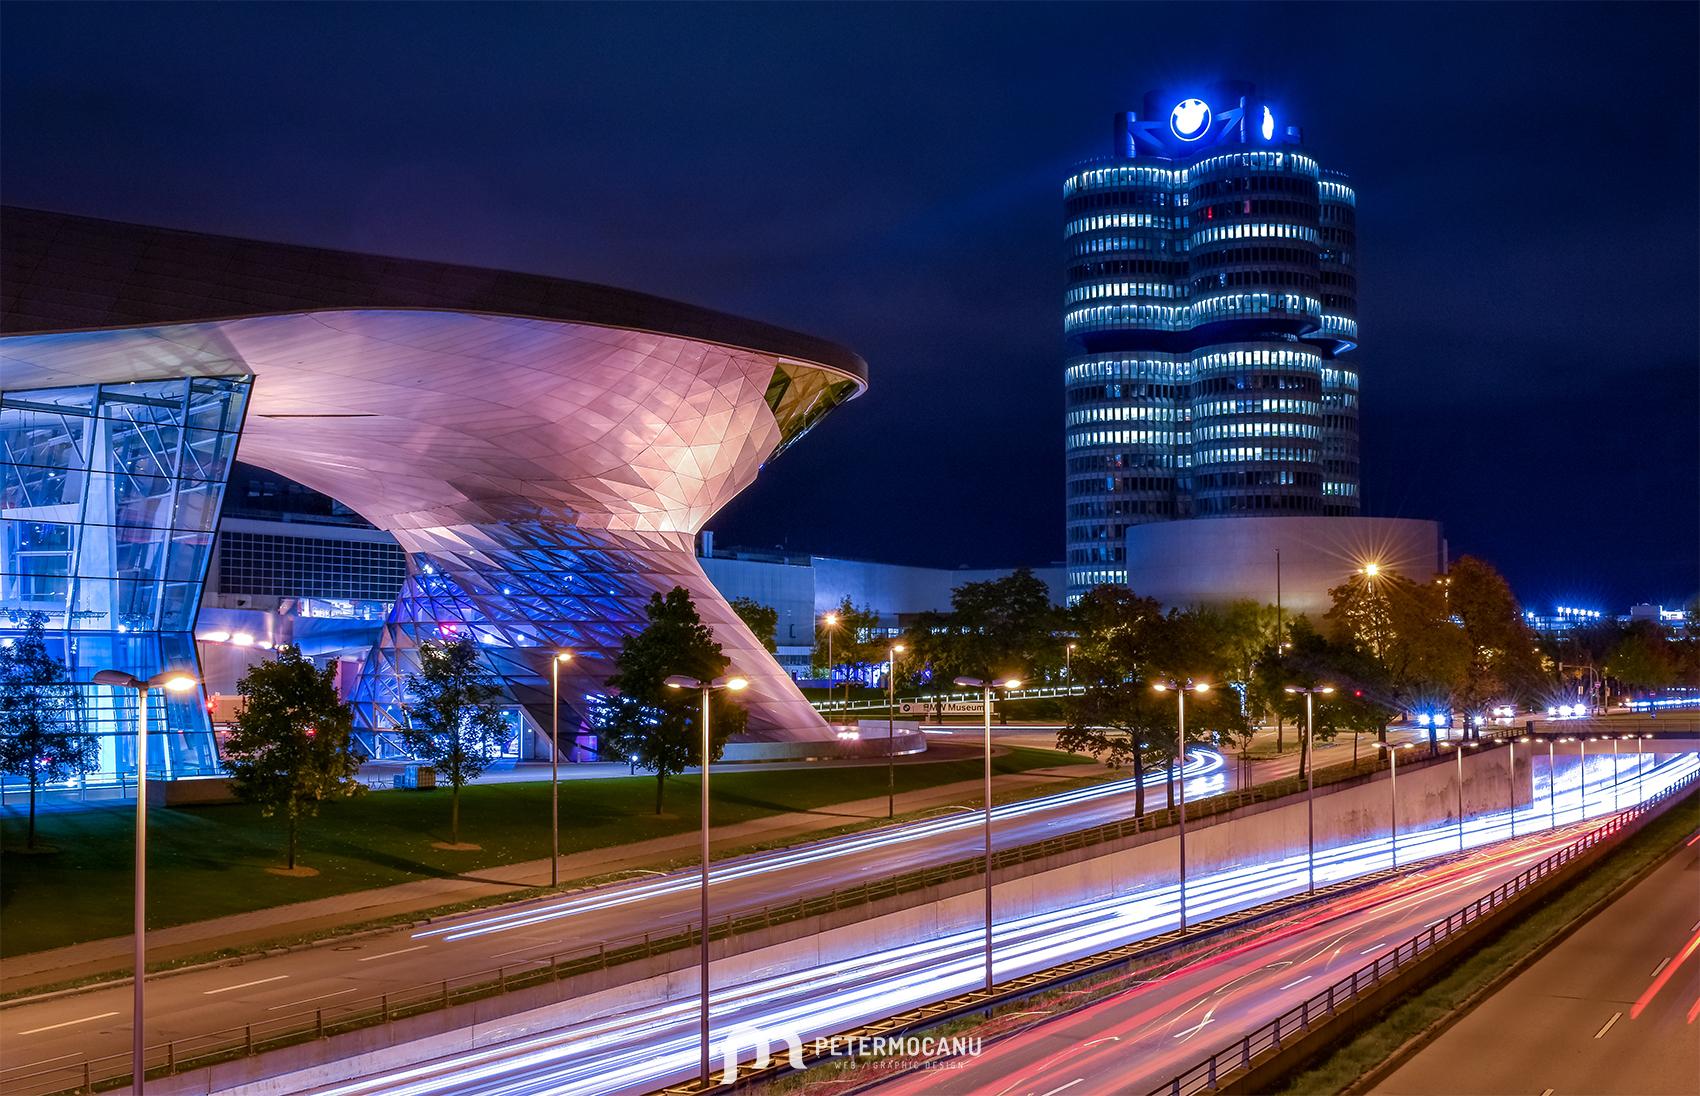 Munich Photo Session by night